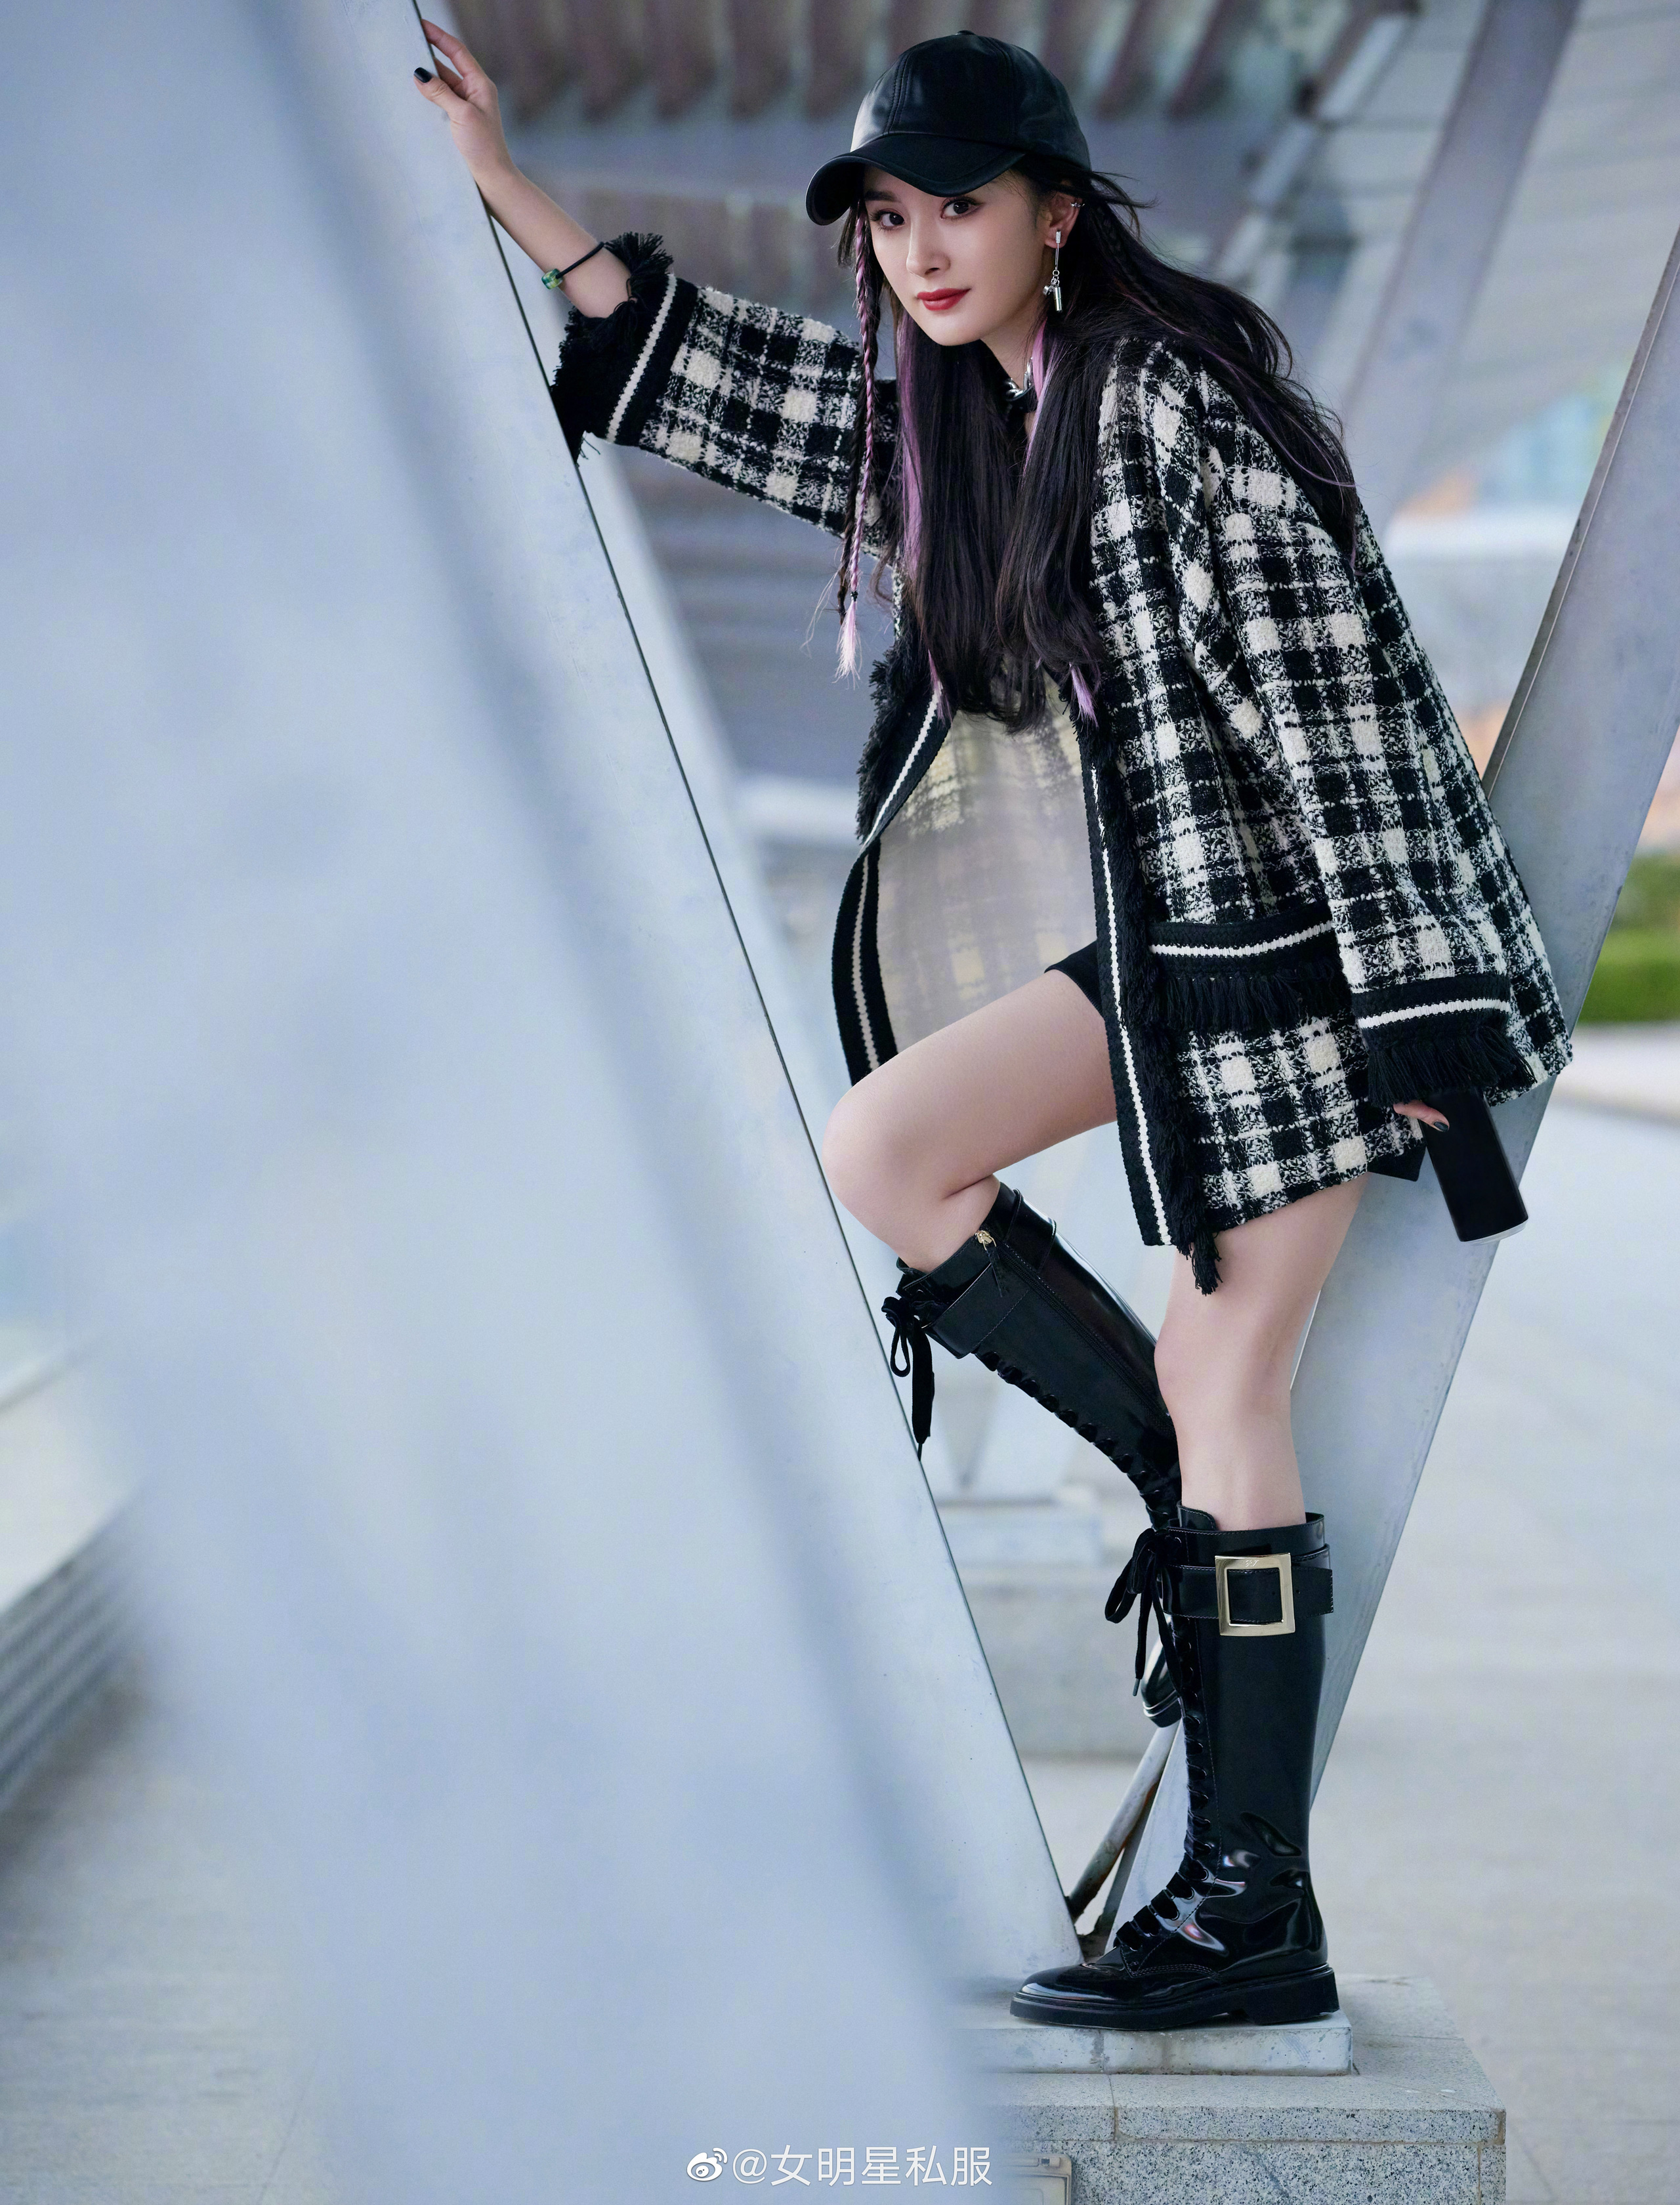 """Nhờ cao tay chỉnh váy mà Dương Mịch khoe được đôi chân """"cực phẩm"""", còn hack tuổi trẻ trung đến gái 20 cũng ghen tị - Ảnh 3."""